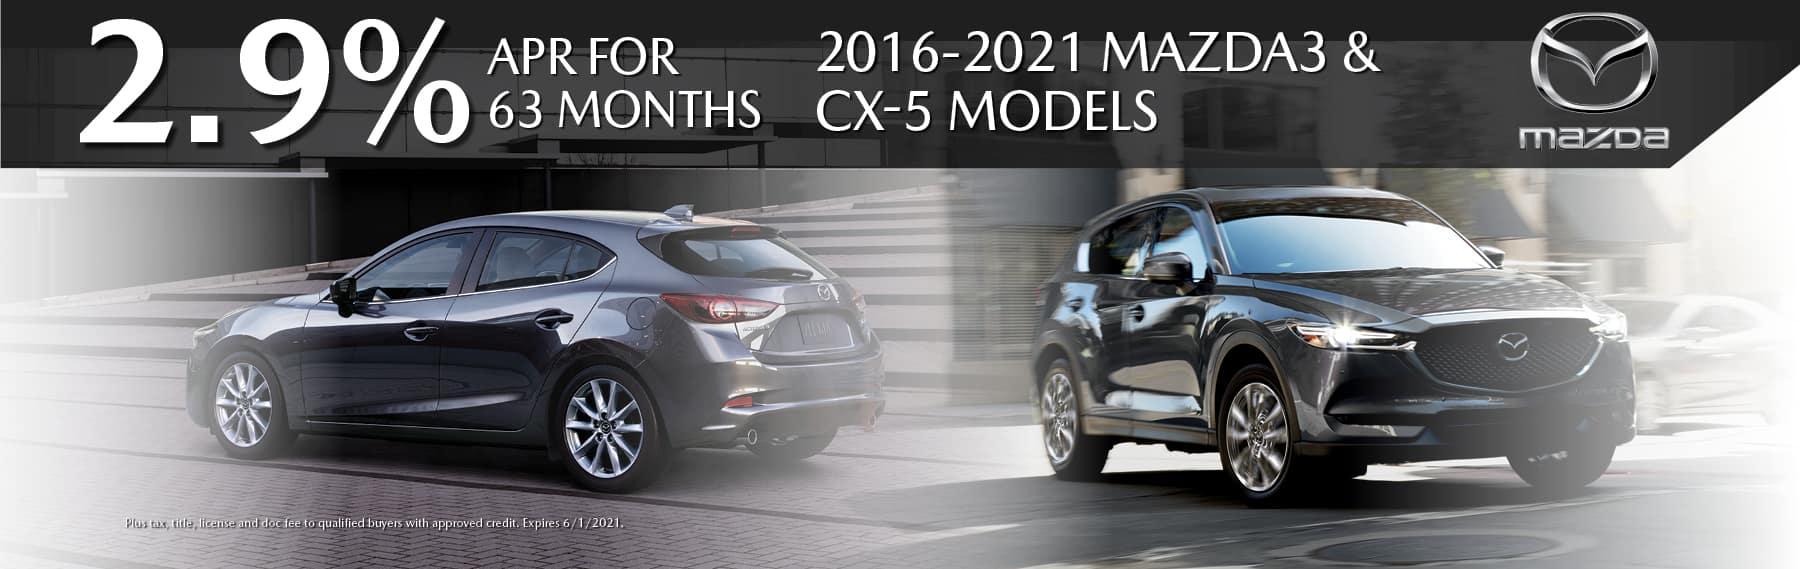 Mazda CPO Incentives